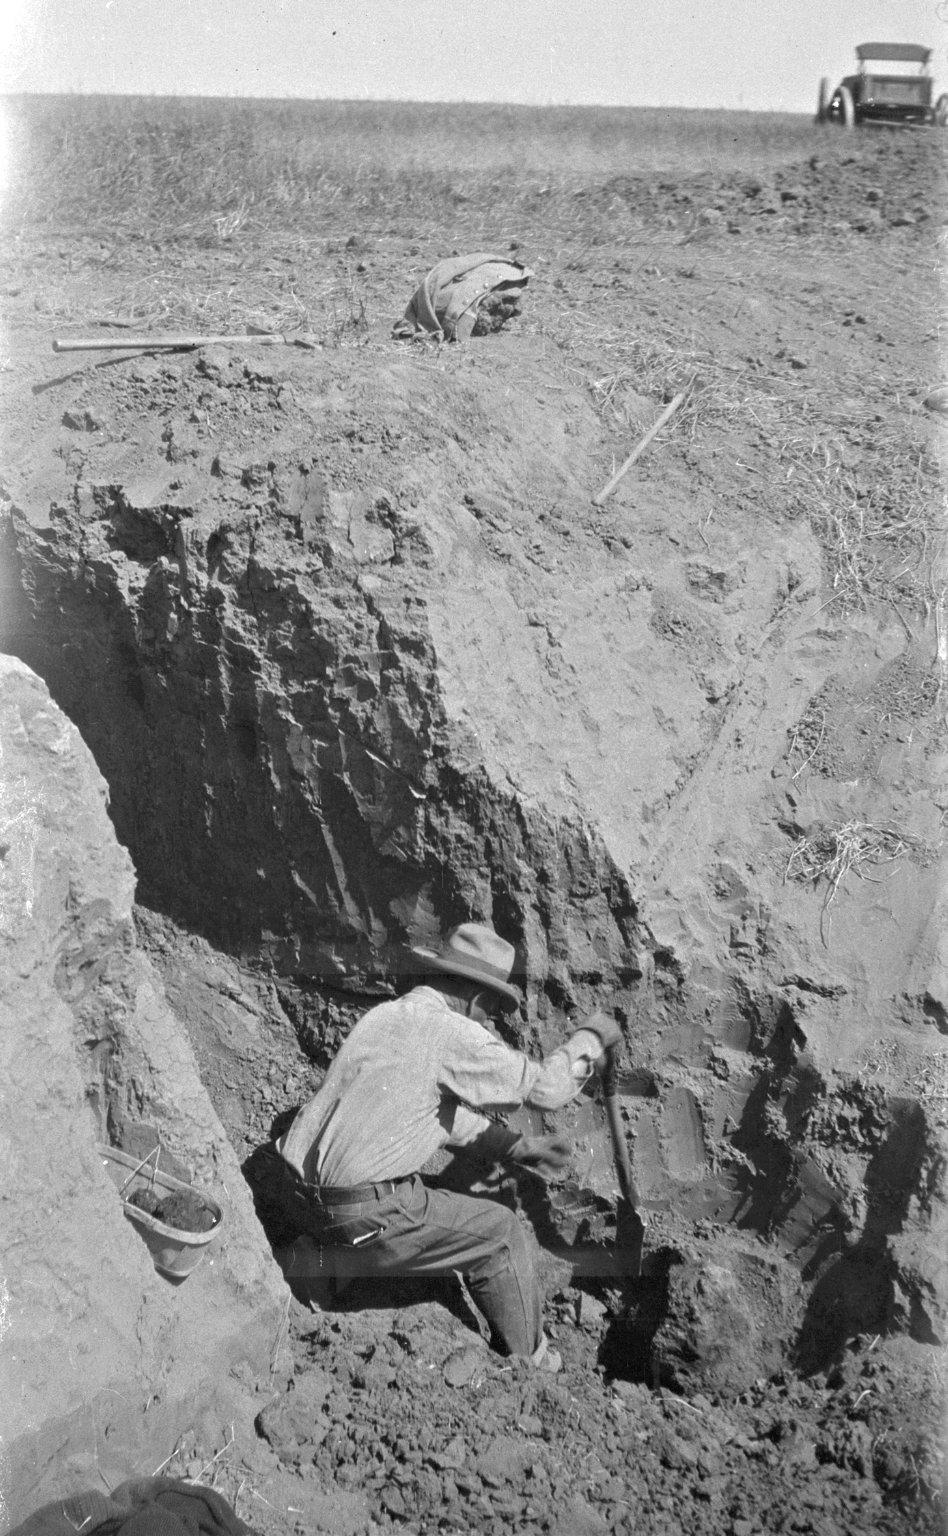 Excavating large specimen